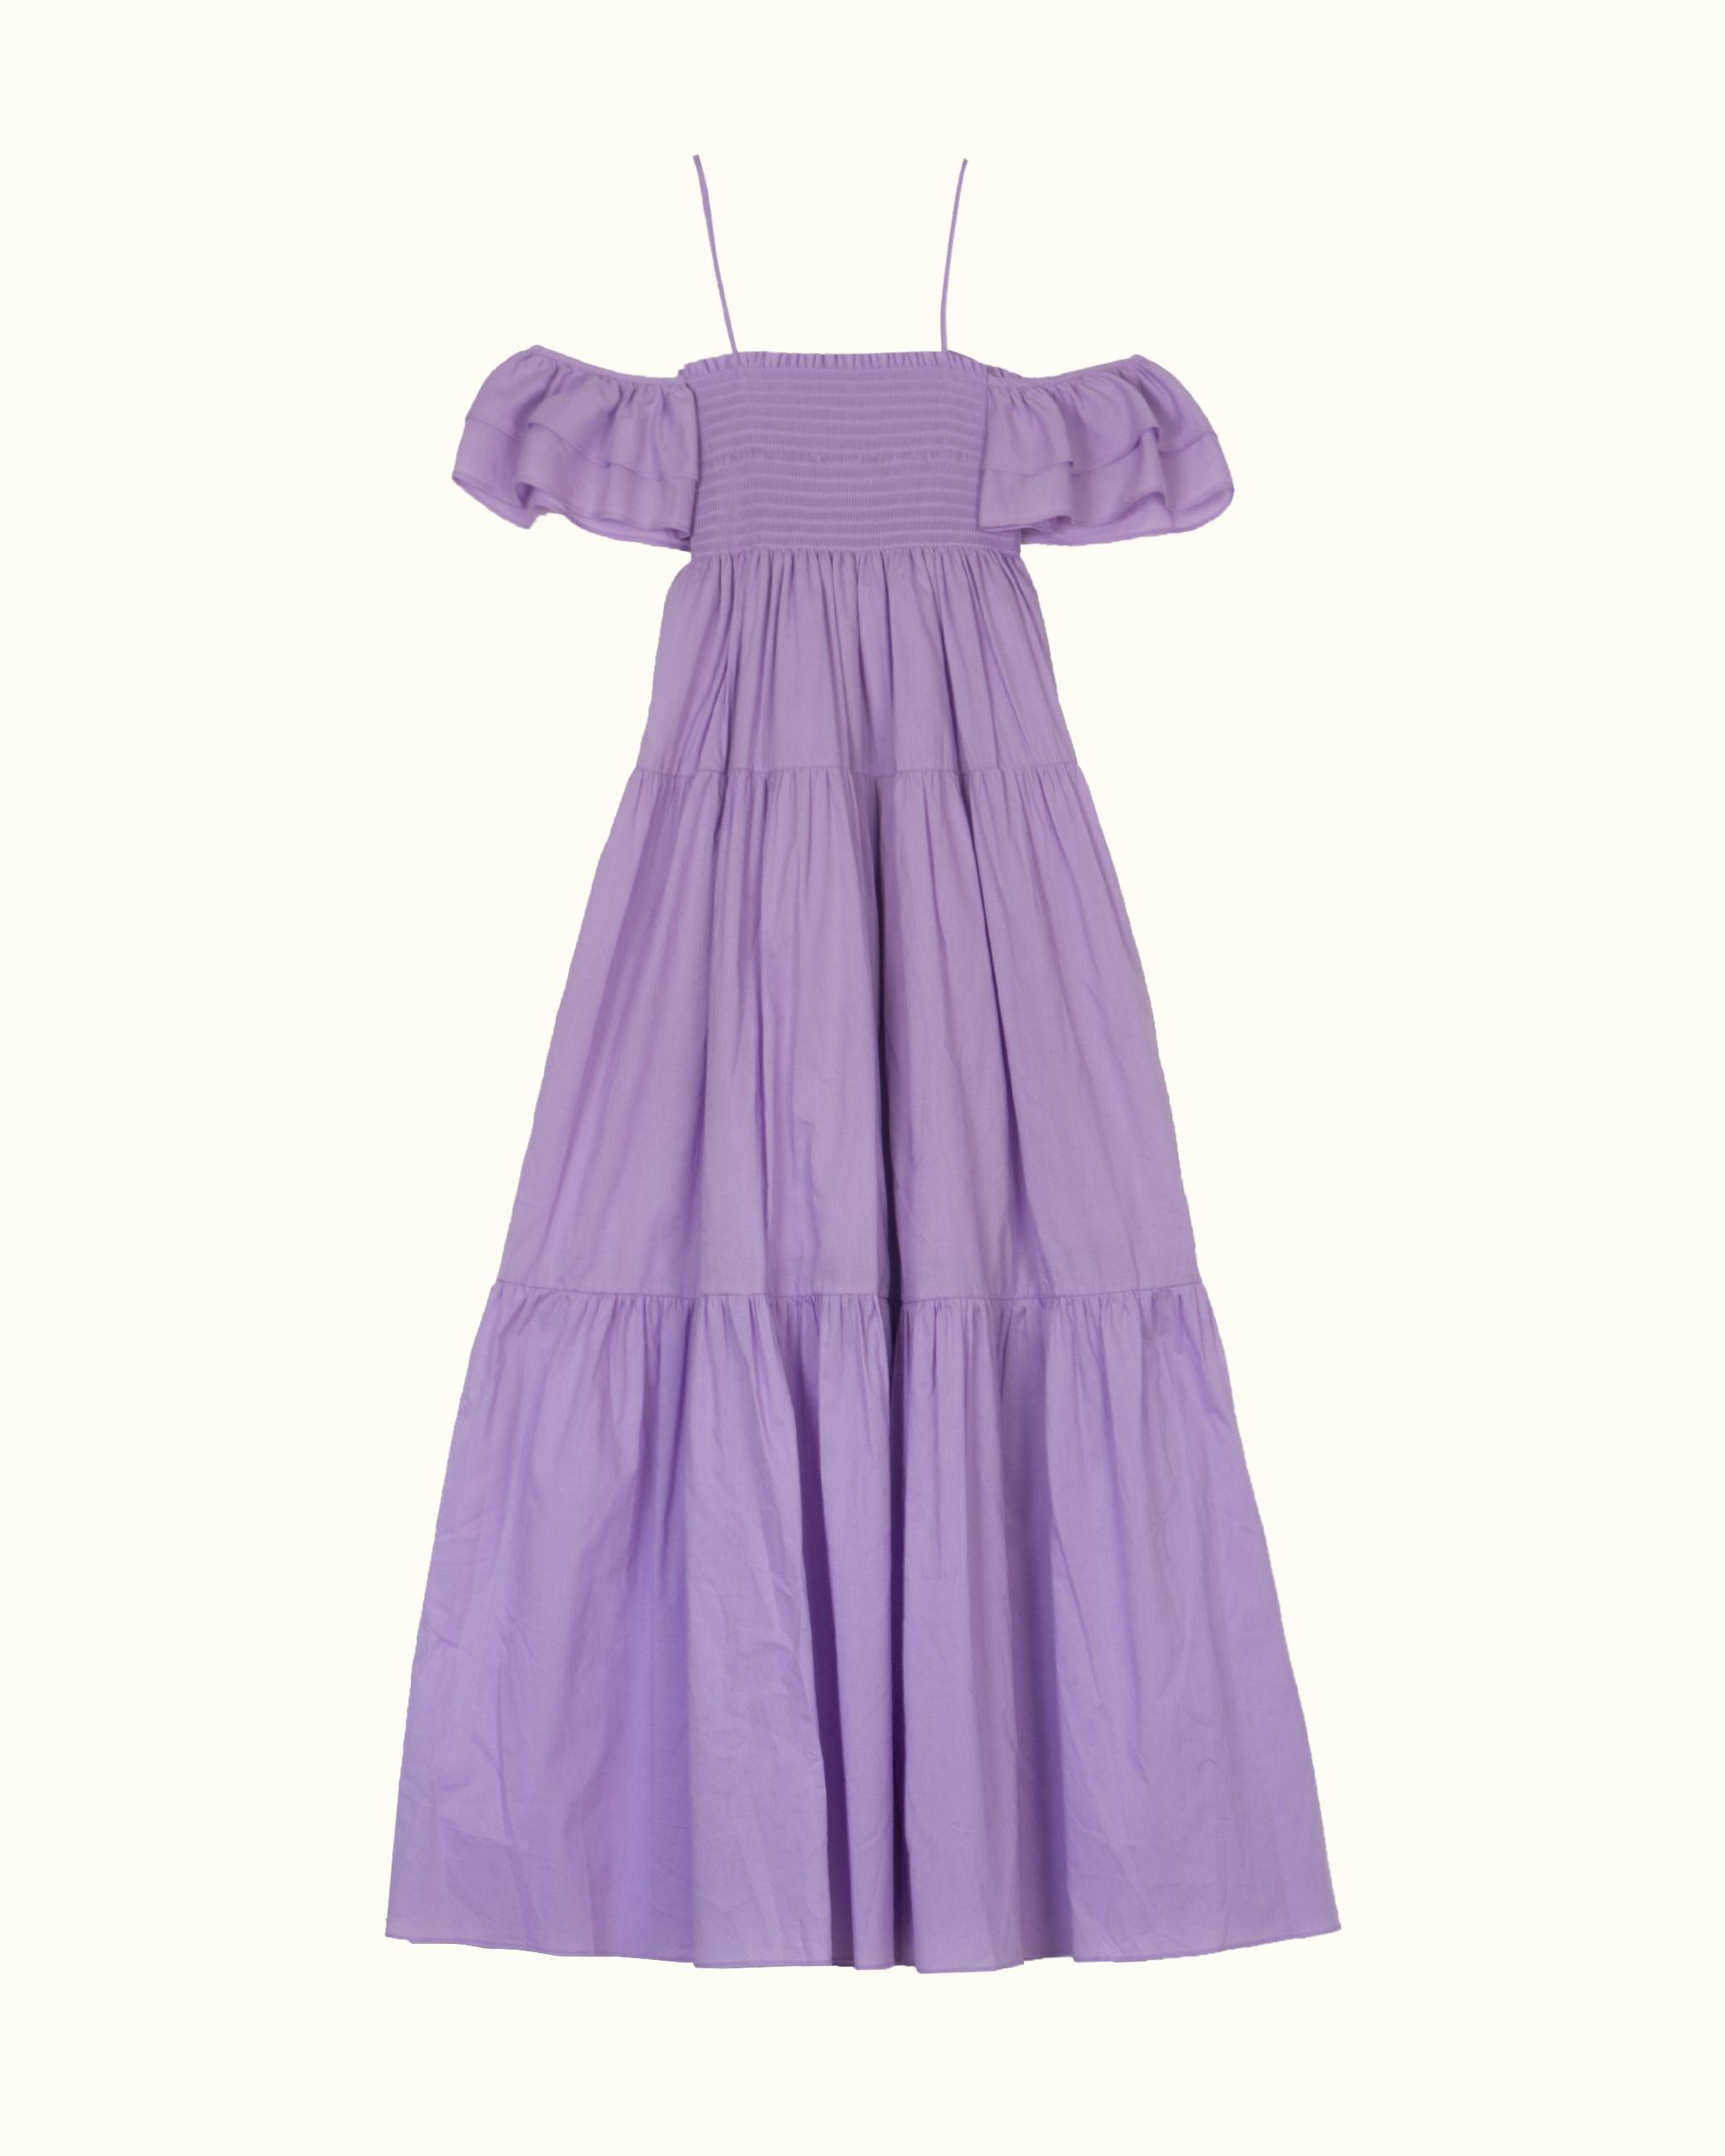 A violet off-the-shoulder dress.